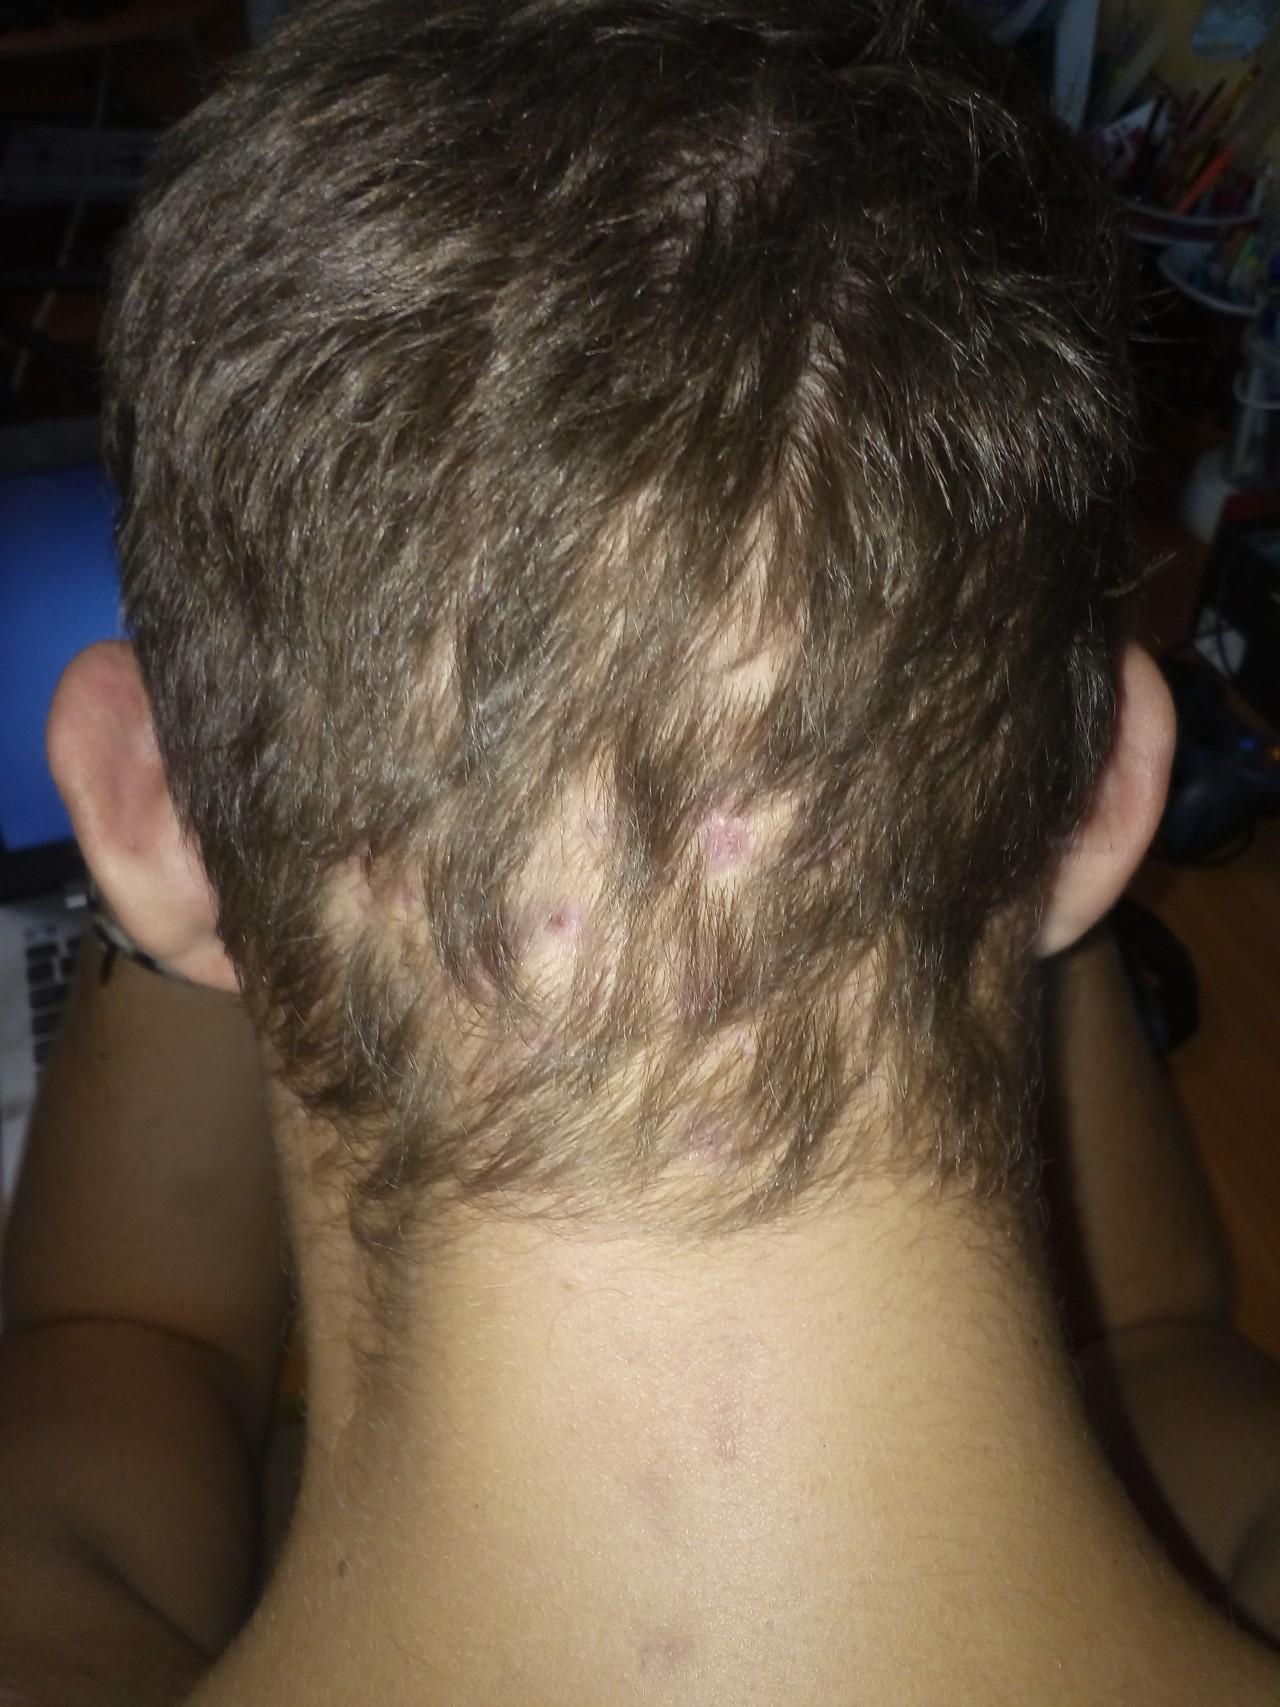 Использование для лечебных манипуляций при злокачественных новообразованиях медикаментов из подгруппы цитостатиков и обуславливает выпадение волос.